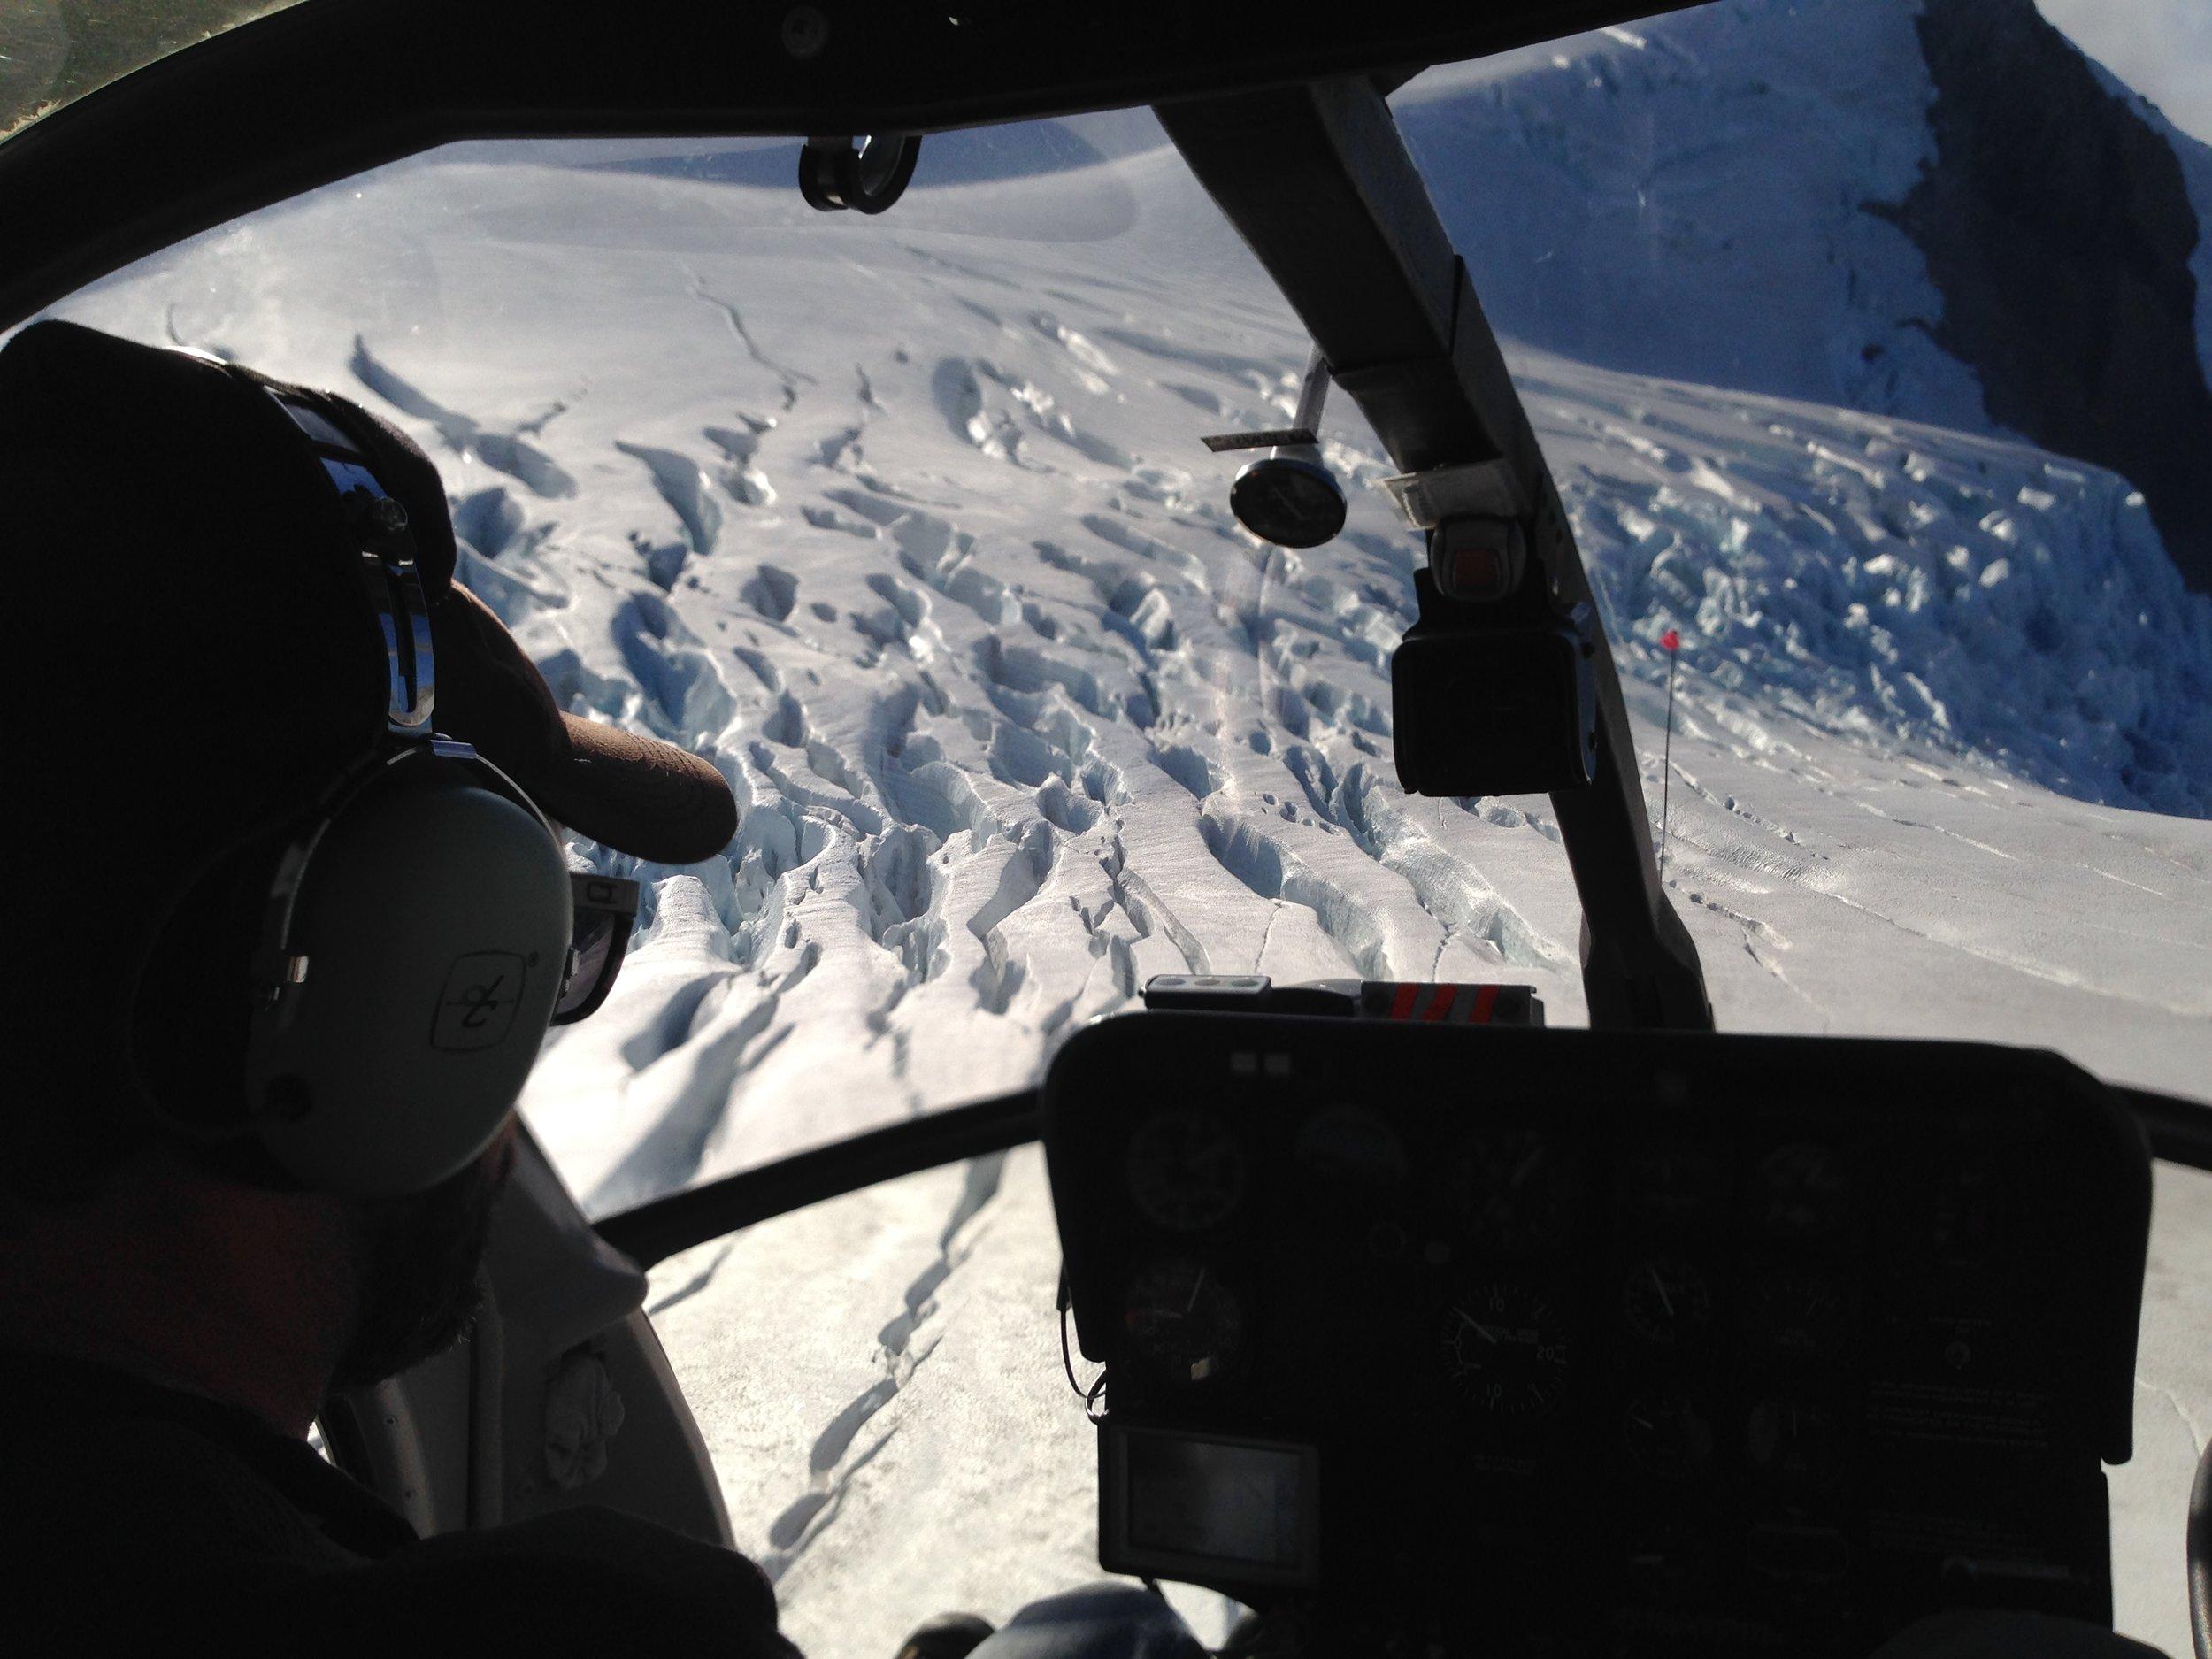 Heli fishing glacier views